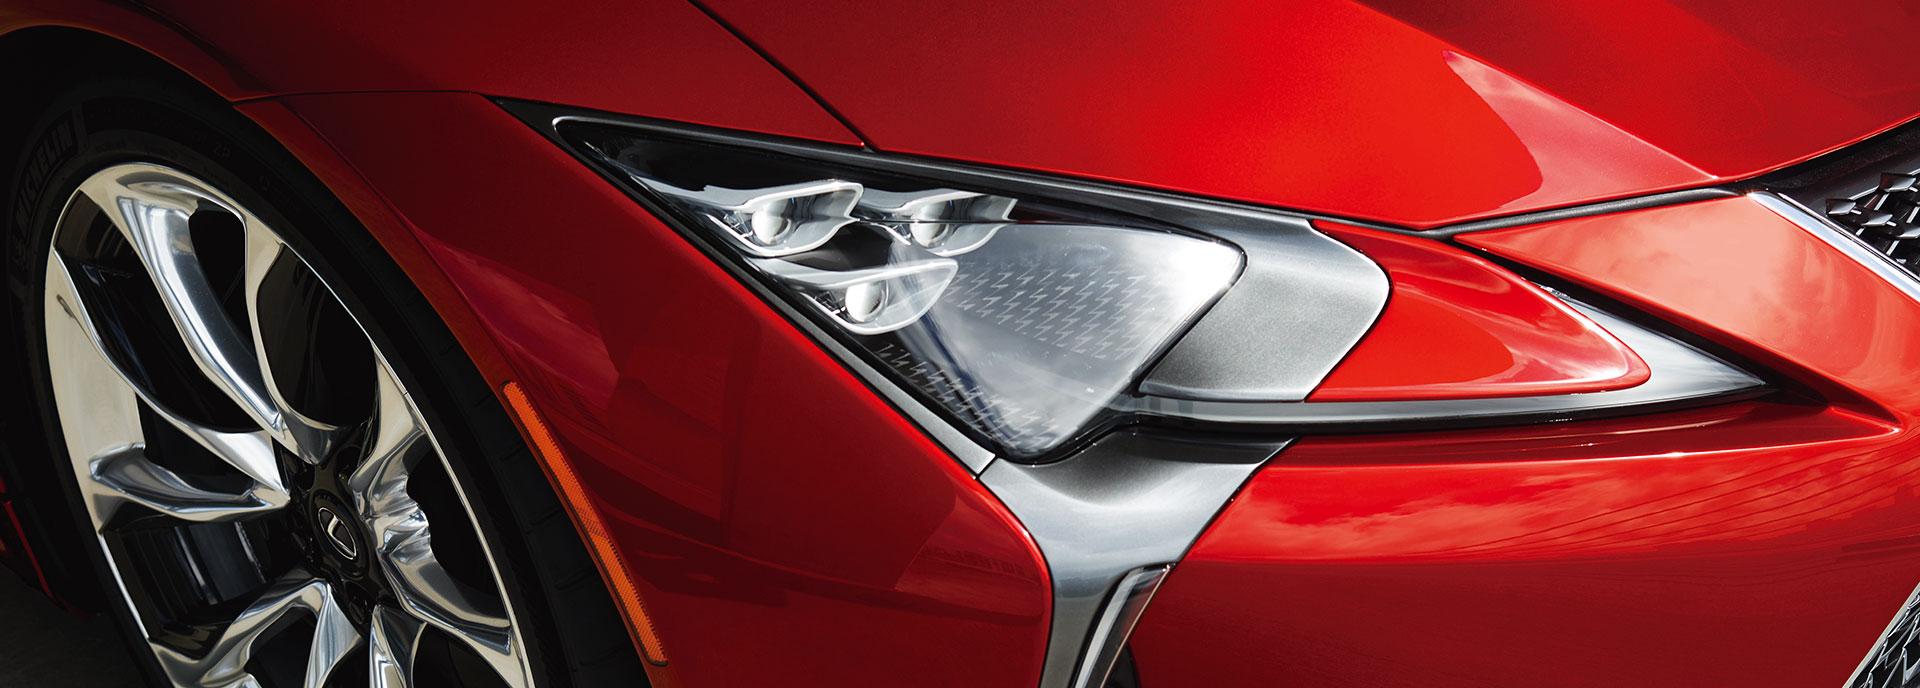 2017 Lexus LC 500 Exceptional Details